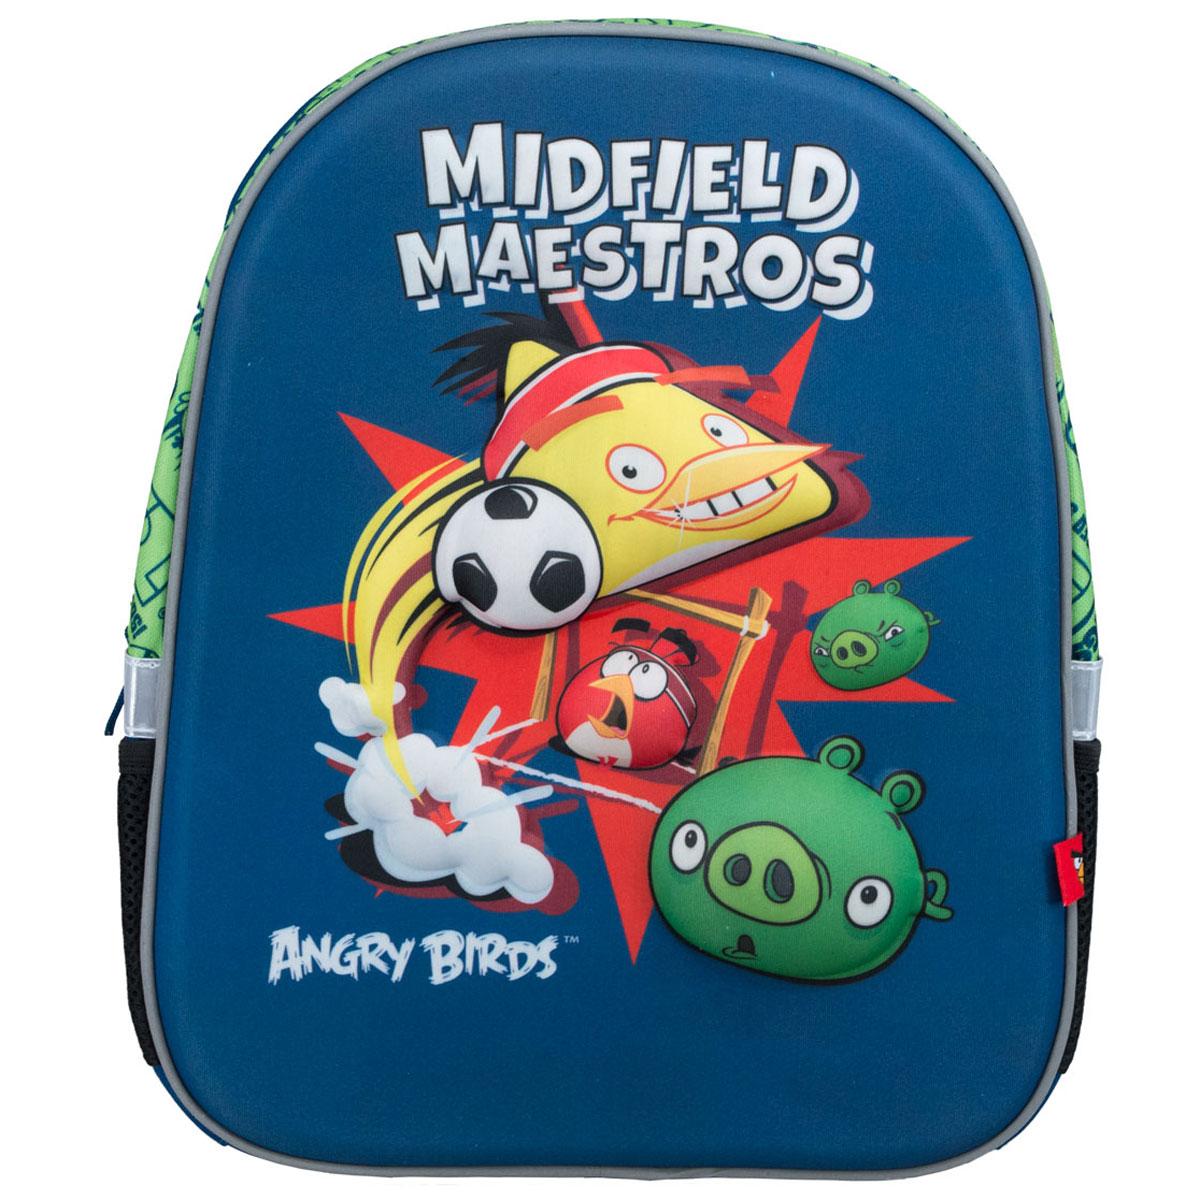 Рюкзак Angry Birds, цвет: синий, салатовый, черныйBRCB-UT4-541Яркий рюкзак Angry Birds обязательно понравится вашему ребенку. Выполнен из прочного материала и оформлен изображениями героев из популярной компьютерной игры Злые птицы (Angry Birds).Содержит рюкзак одно вместительное отделение, закрывающееся на застежку-молнию. Внутри отделения находятся две мягкие перегородки для тетрадей или учебников. Лицевая стенка достаточно твердая, что позволяет не деформироваться рюкзаку. Рюкзак имеет два боковых кармана-сетка, стянутых сверху резинкой. Оснащен плечевыми ремнями и мягкой текстильной ручкой для переноски в руке.Широкие мягкие лямки регулируются по длине и равномерно распределяют нагрузку на плечевой пояс.